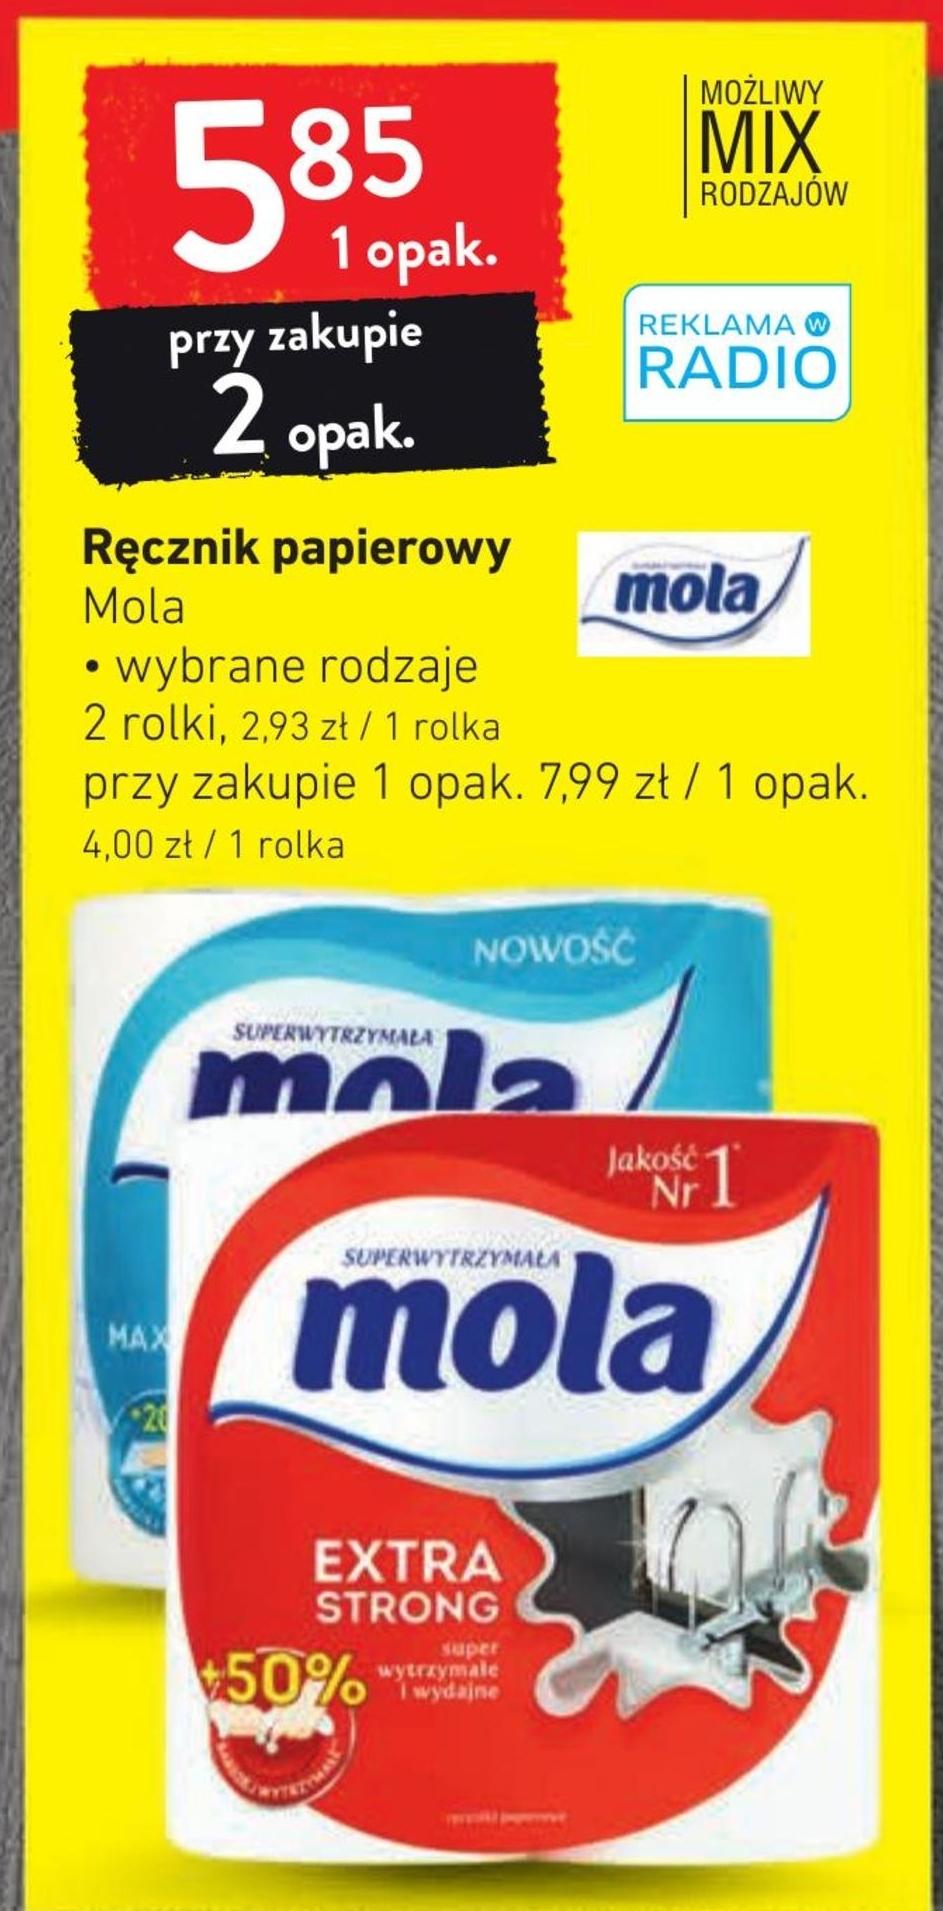 Ręcznik papierowy Mola niska cena